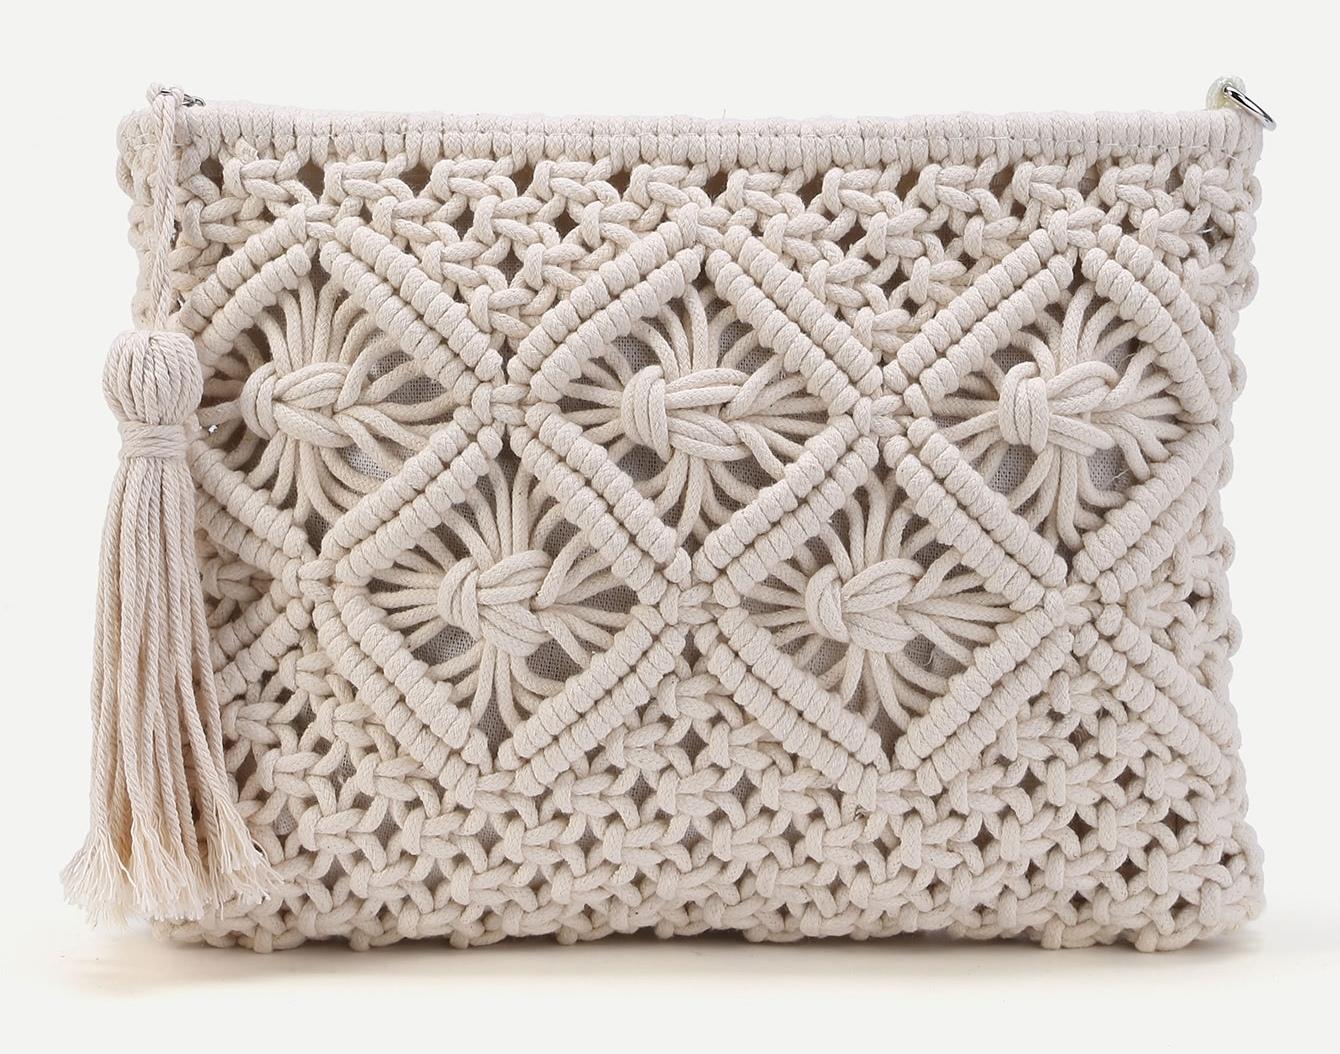 Crochet Patterns For Home Decor Home Decor Crochet Design